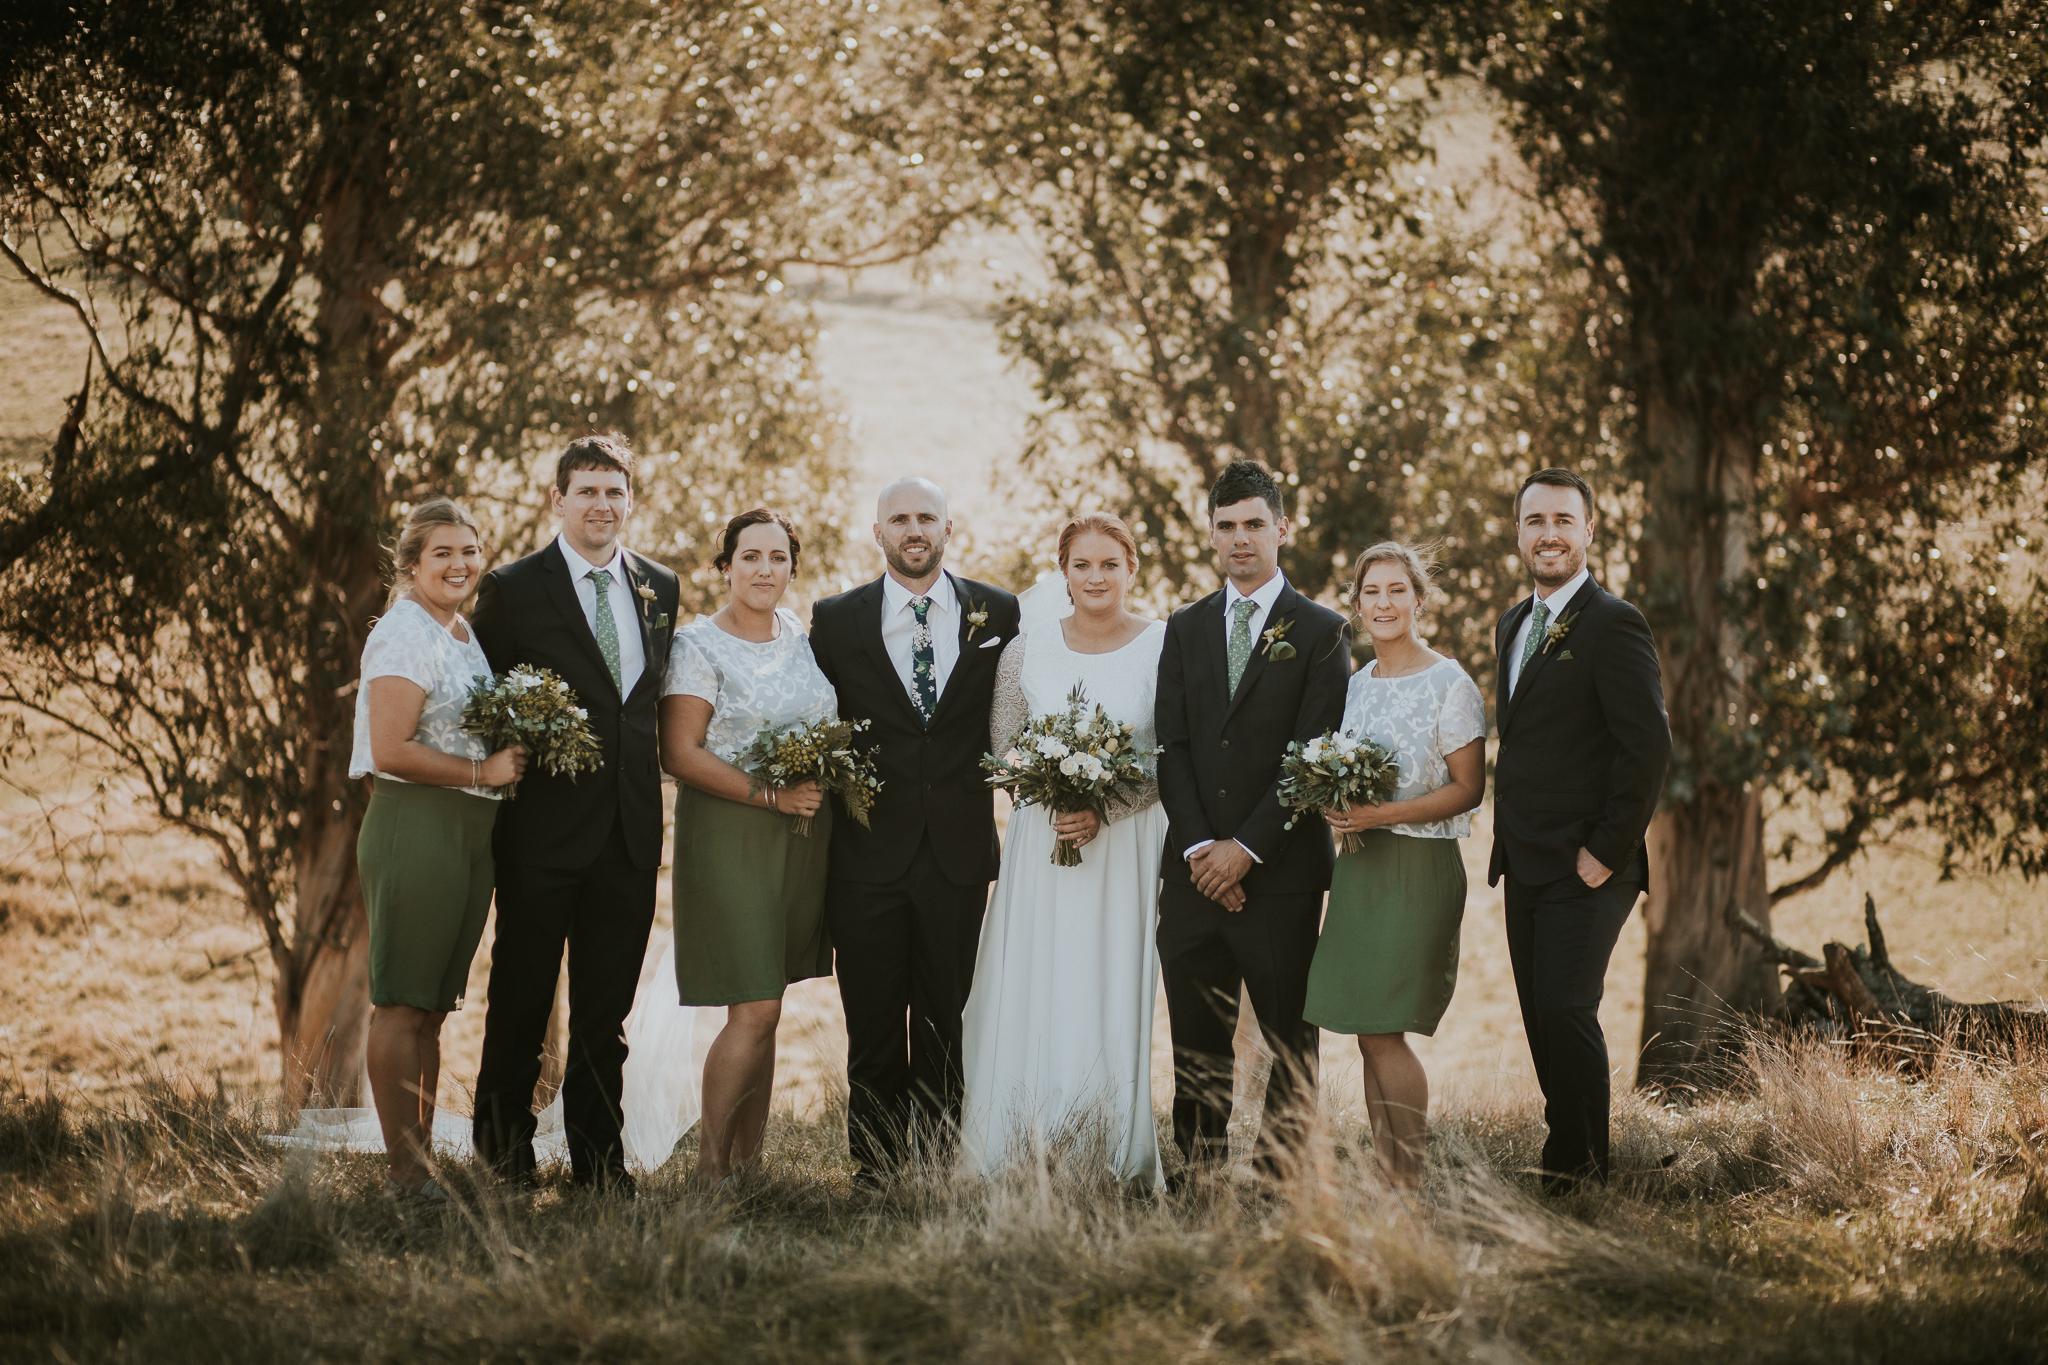 wedding photographer hawkes bay , Lisa Fisher Photography, Selini Winery Wedding -122.jpg